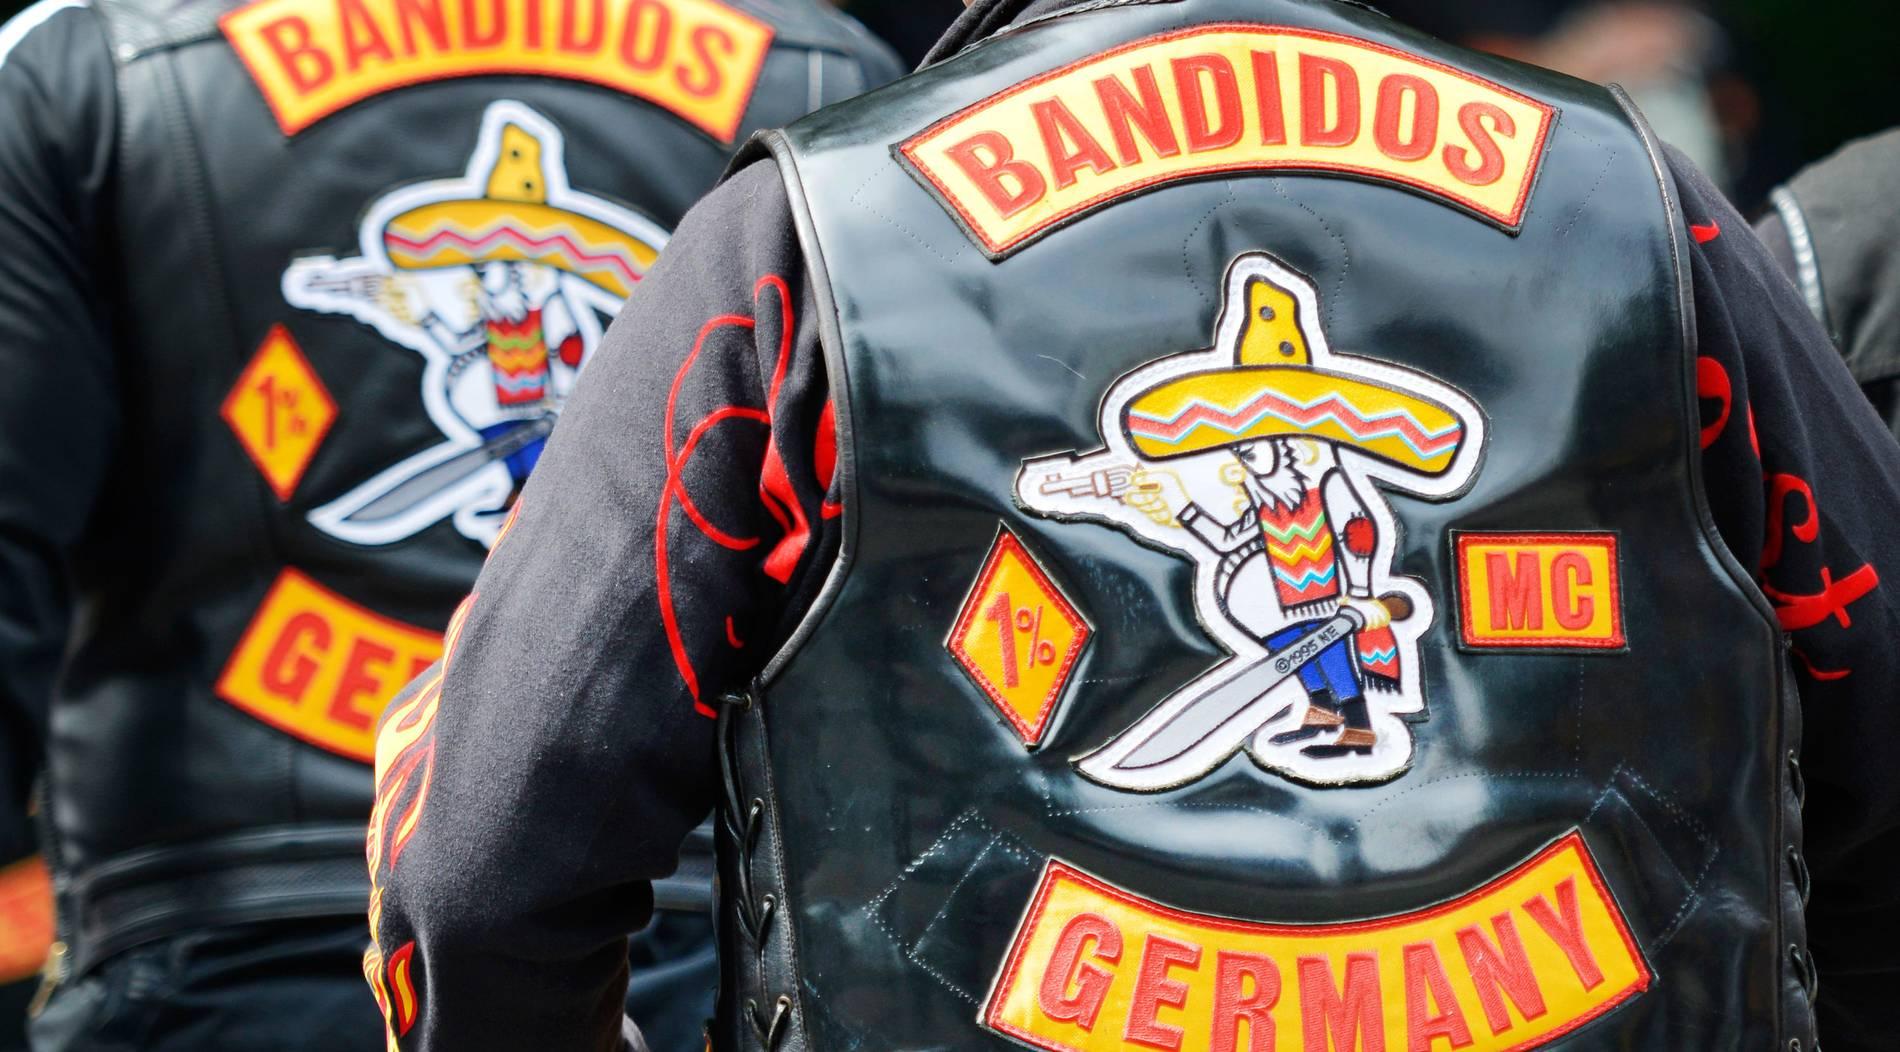 SEK nimmt fünf Bandidos-Mitglieder in NRW fest